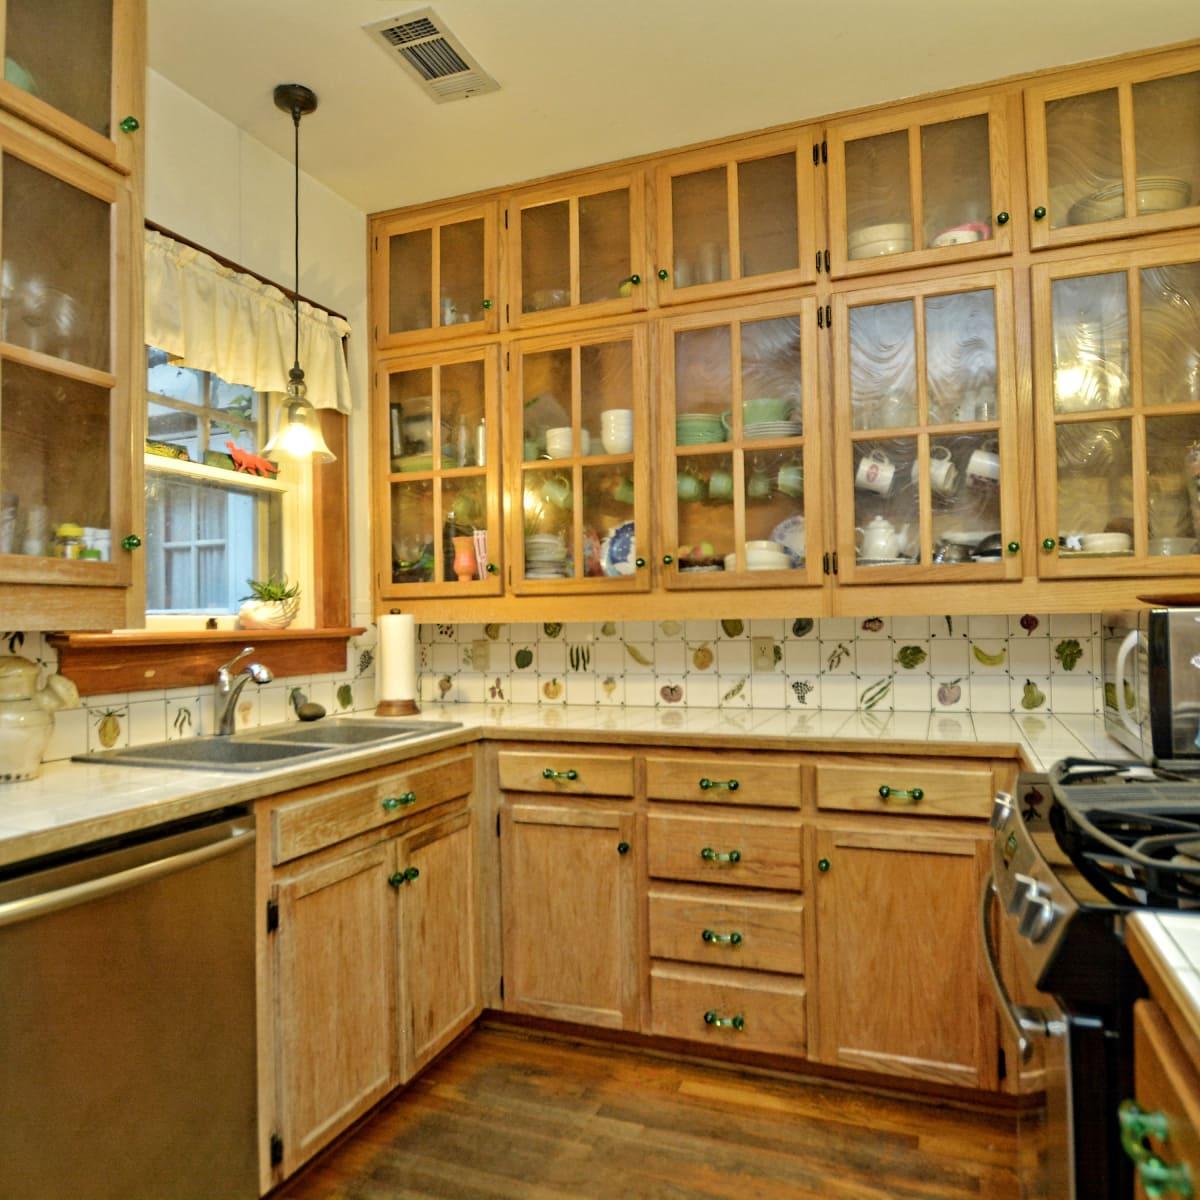 1610 Juliet St. kitchen